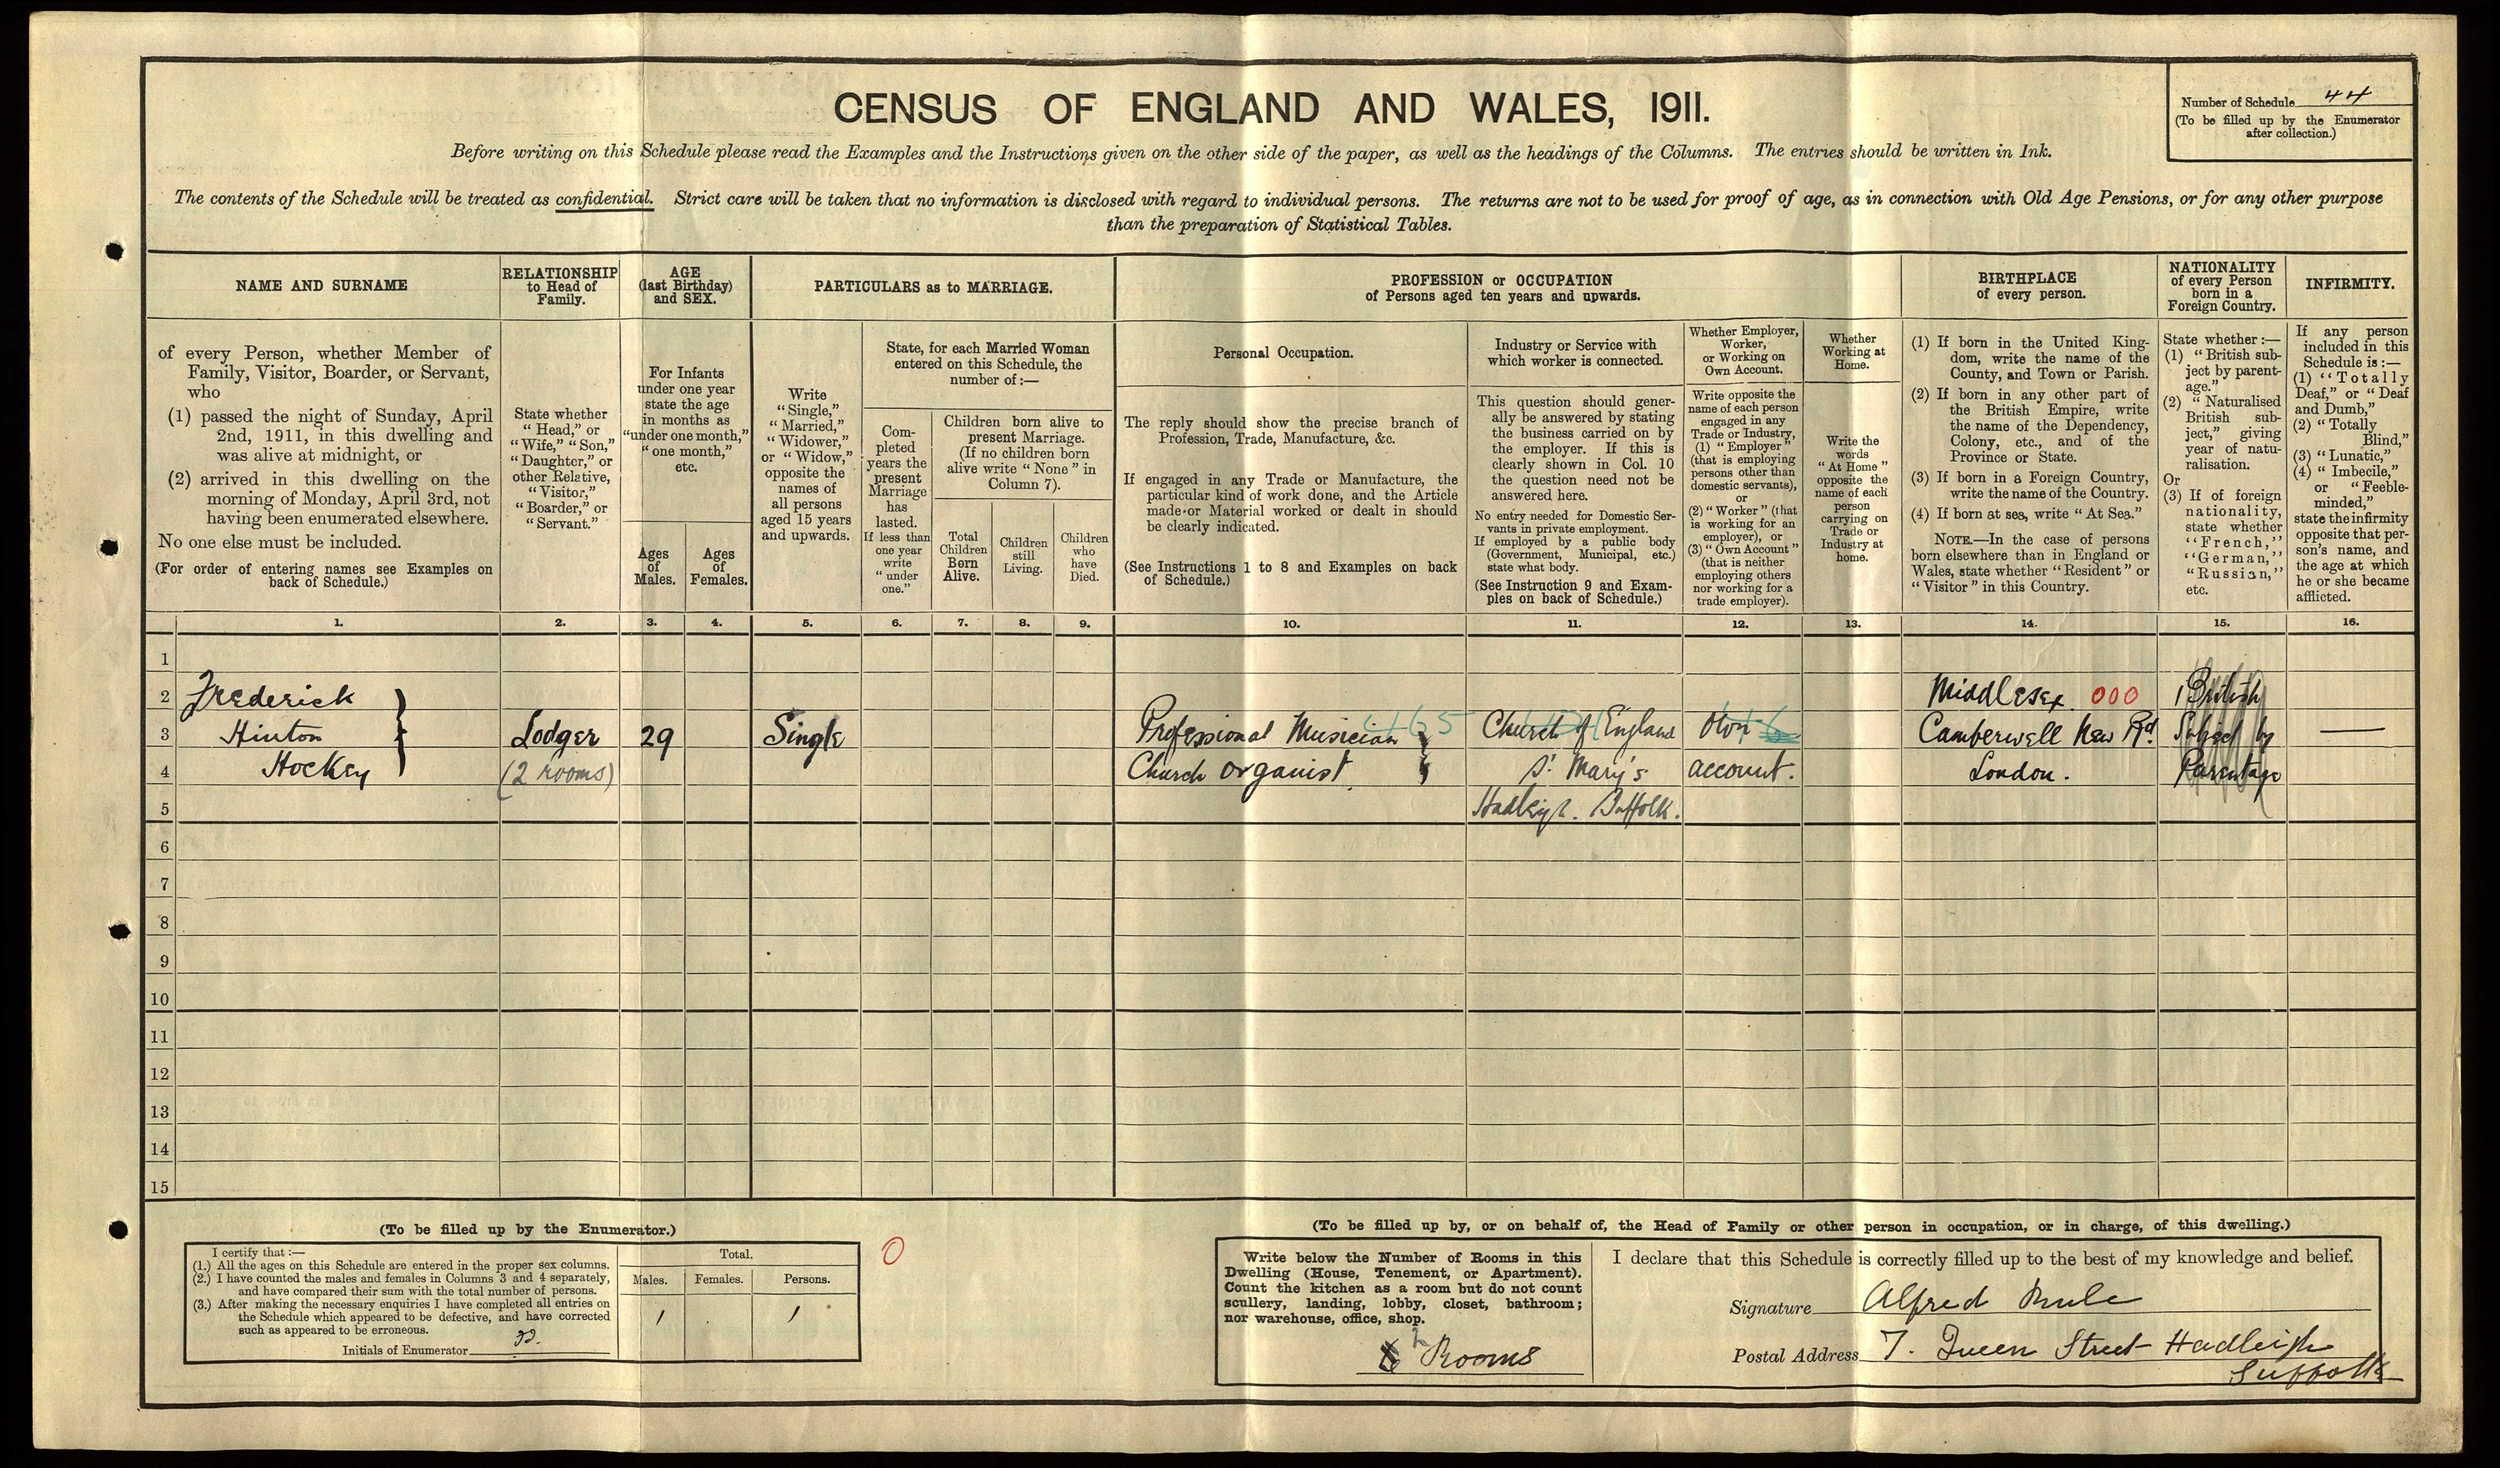 anc 1911 census FHH.jpg